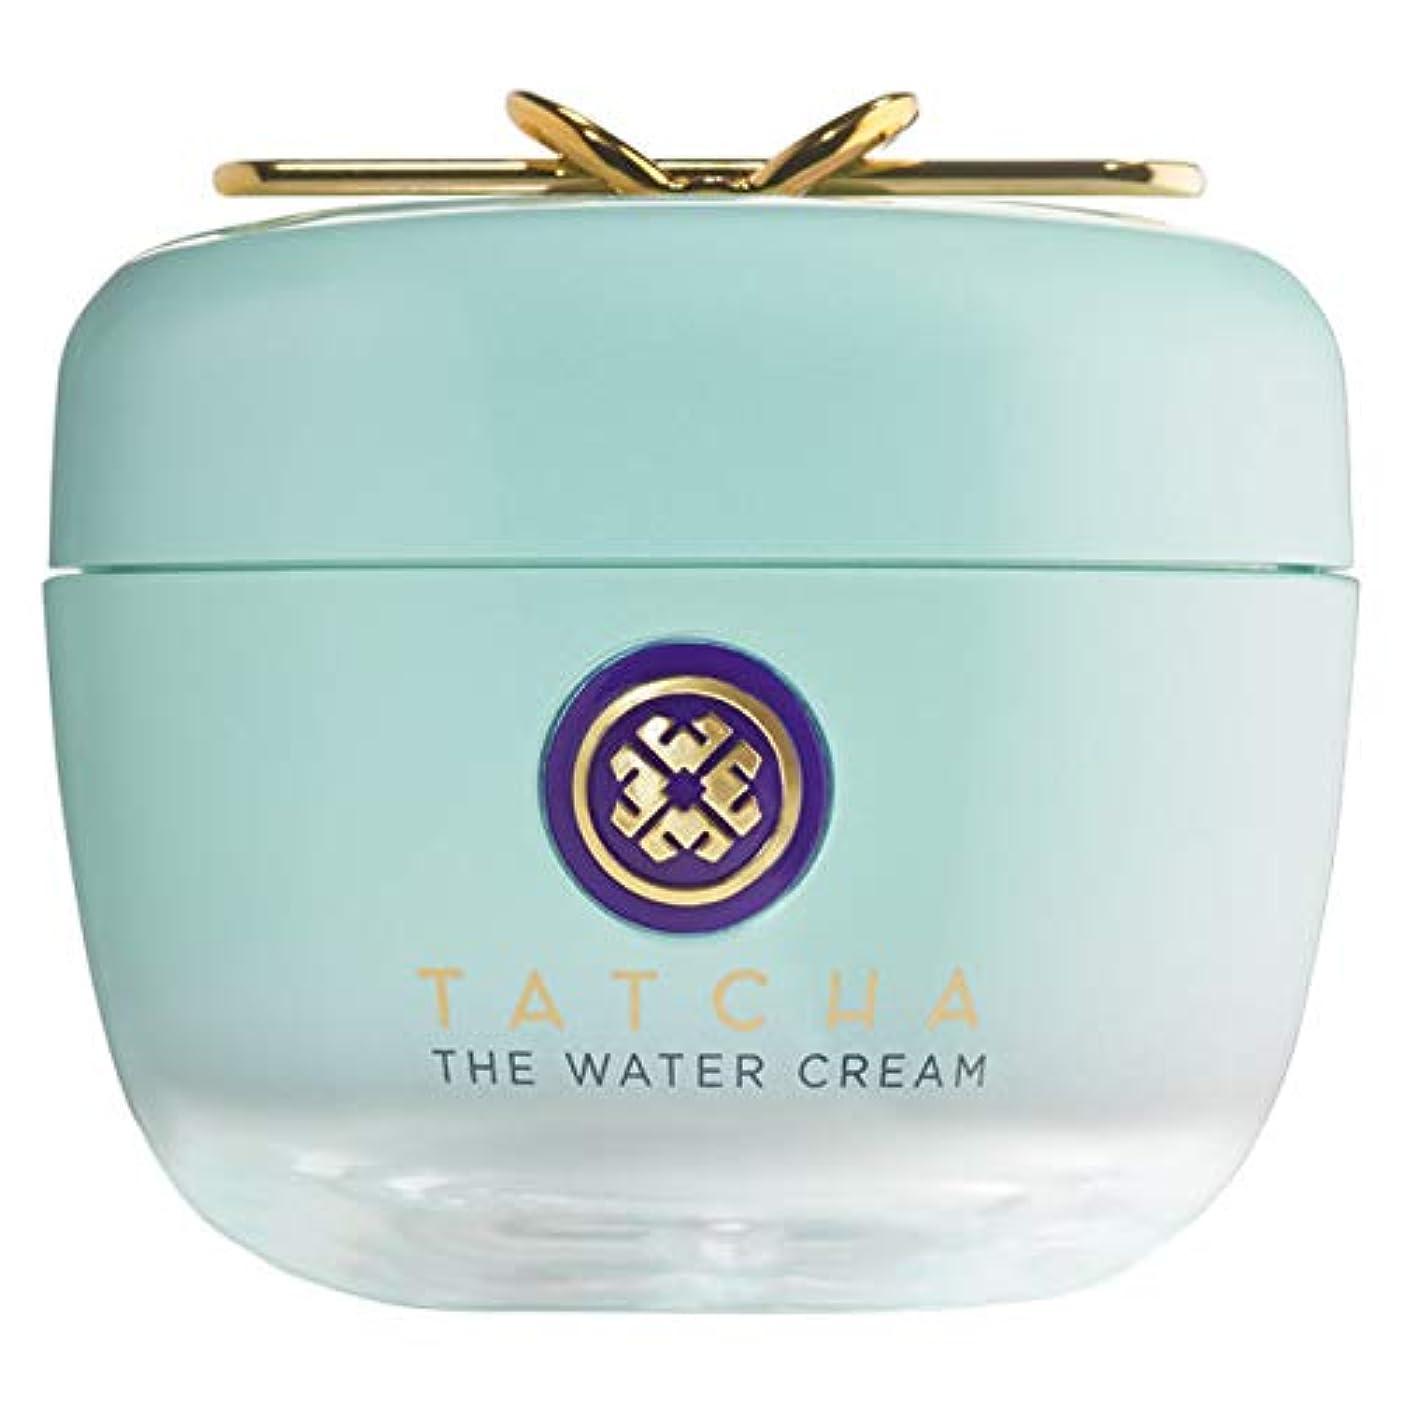 請求書おとこ露TATCHA The Water Cream 50ml タチャ ウォータークリーム